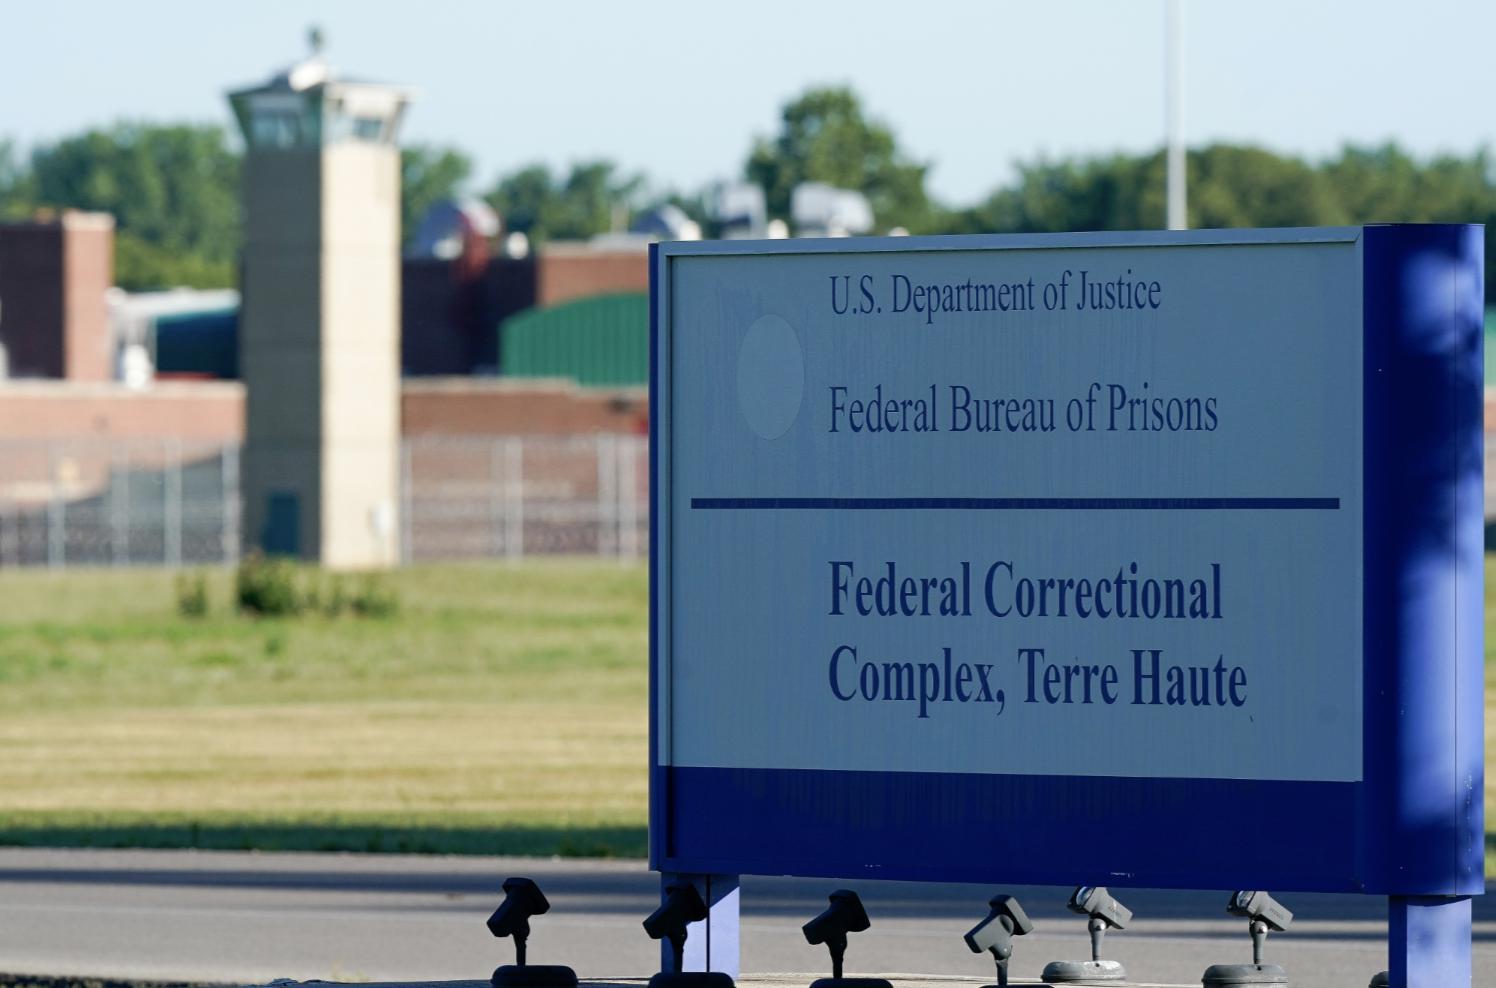 印第安納州特雷豪特(Terre Haute)聯邦監獄。(路透社圖)